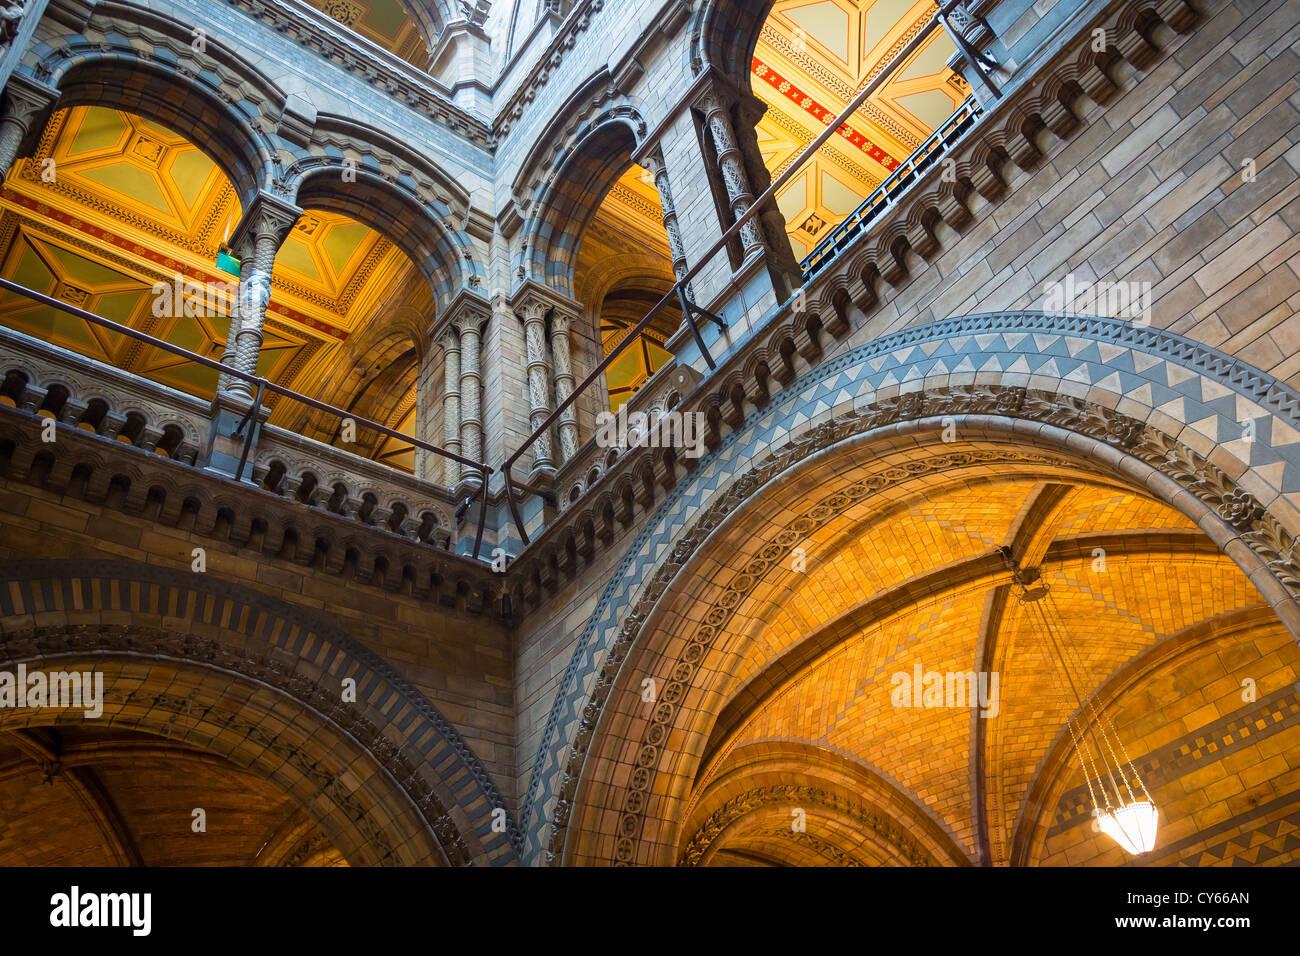 Le Musée d'Histoire Naturelle est sur Exhibition Road, South Kensington, Londres, Angleterre Photo Stock